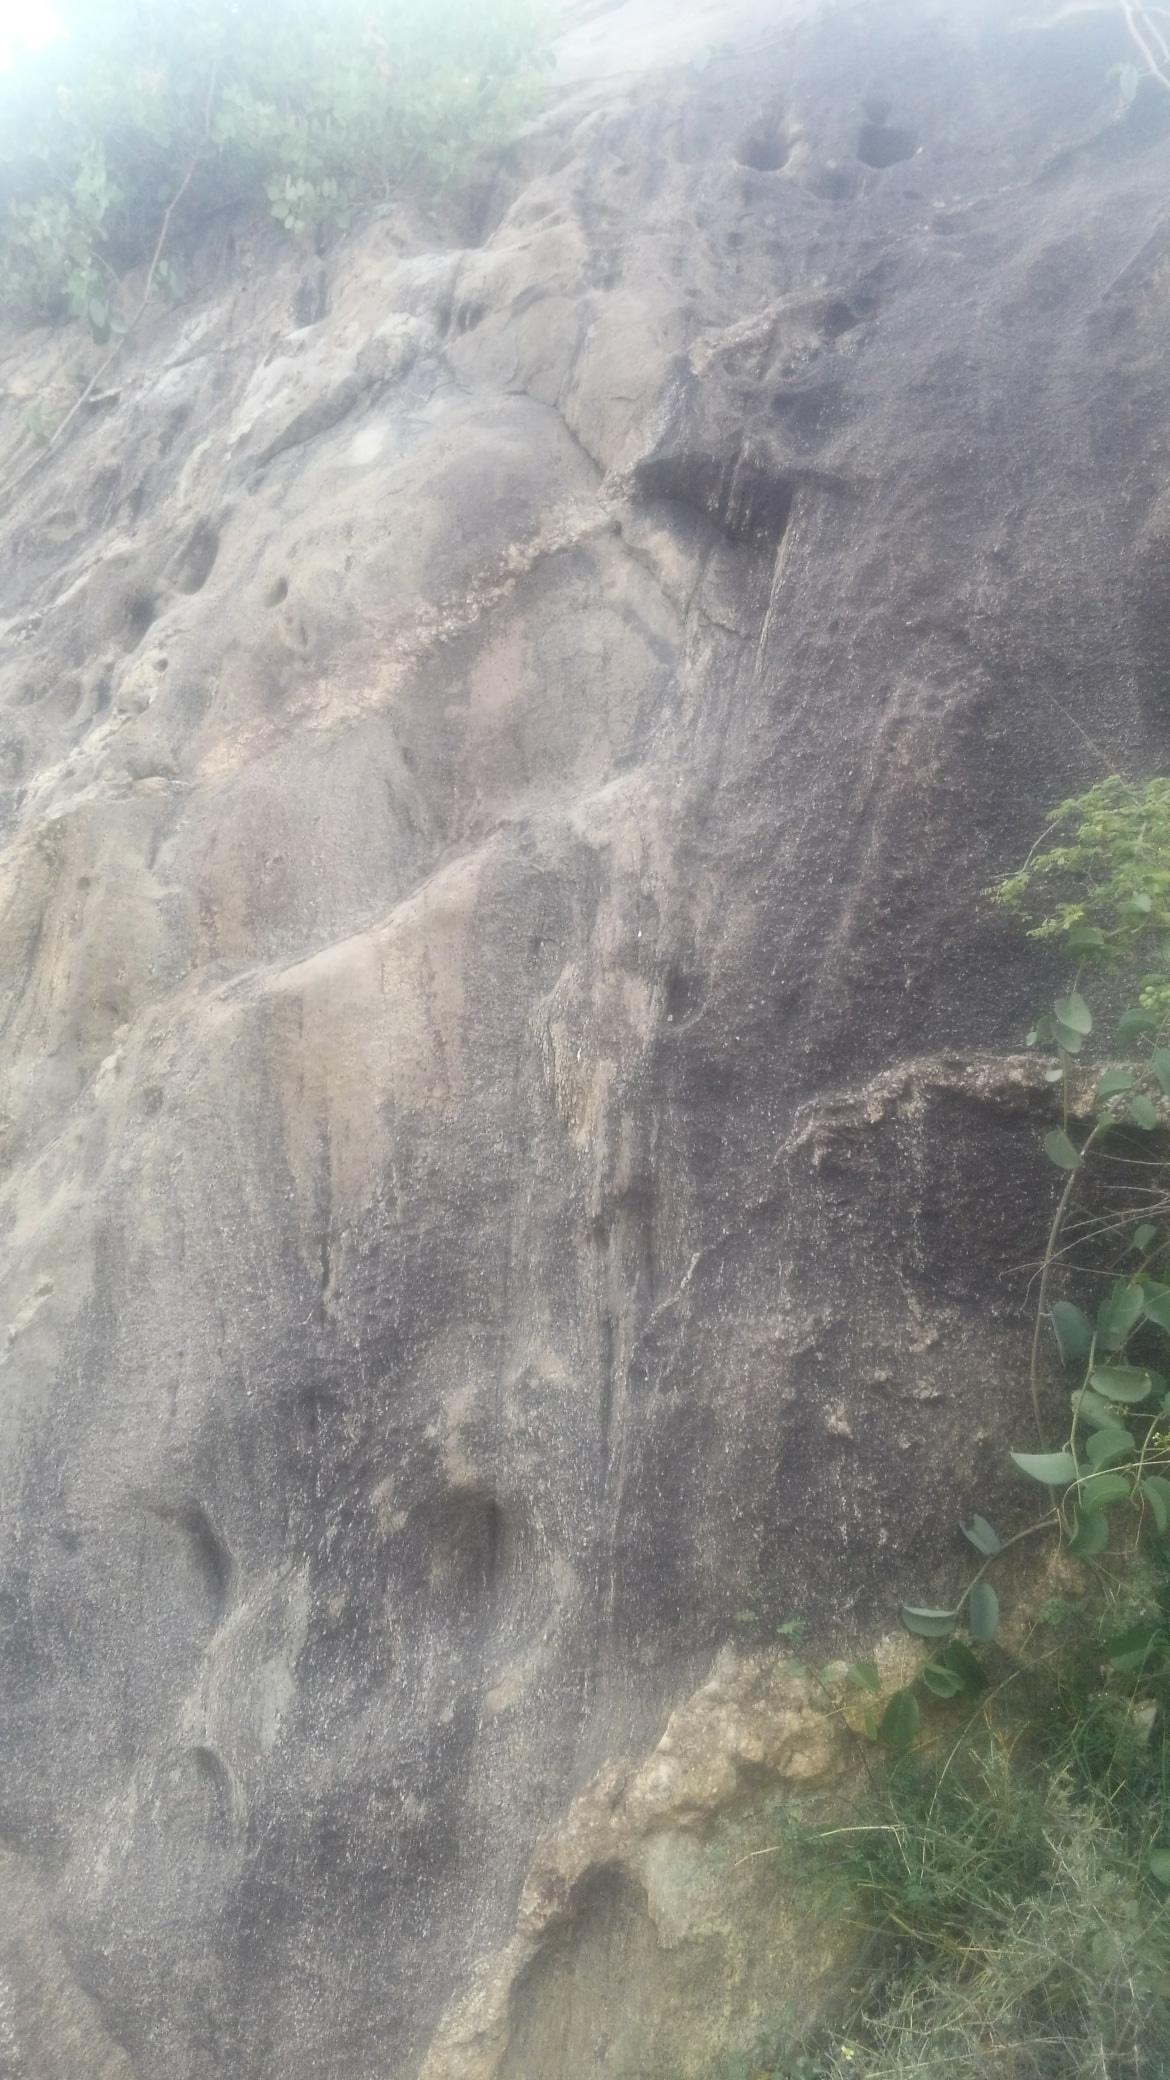 ممكن تحليل الفرج ويوجد رموز.في نفس صخره  Img-2048